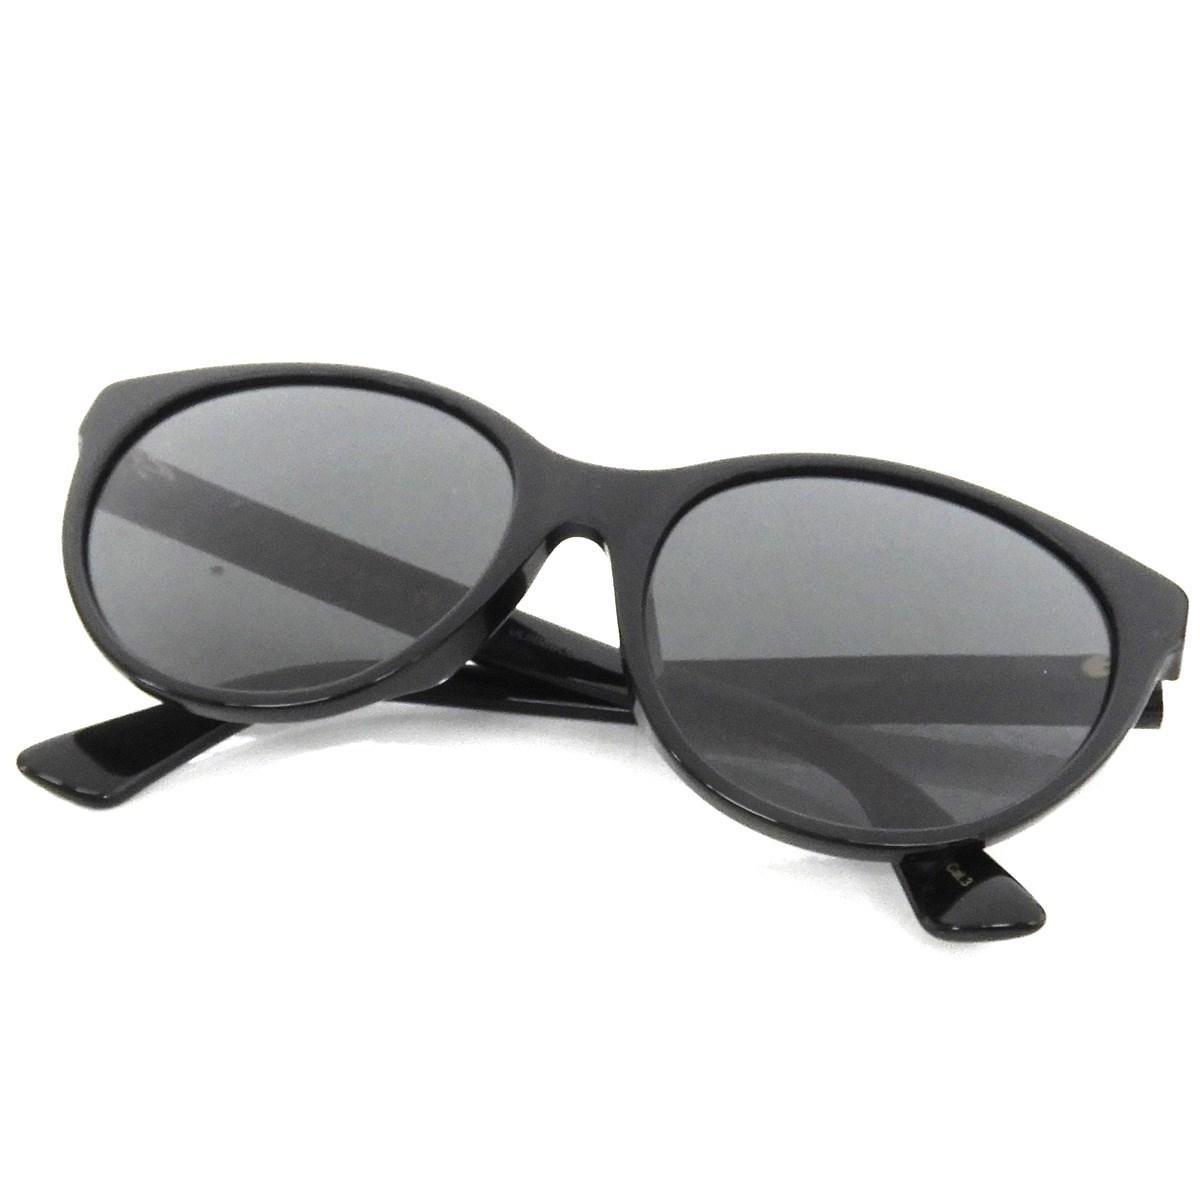 【中古】GUCCI スクエアフレームアセテートサングラス ブラック サイズ:- 【190220】(グッチ)